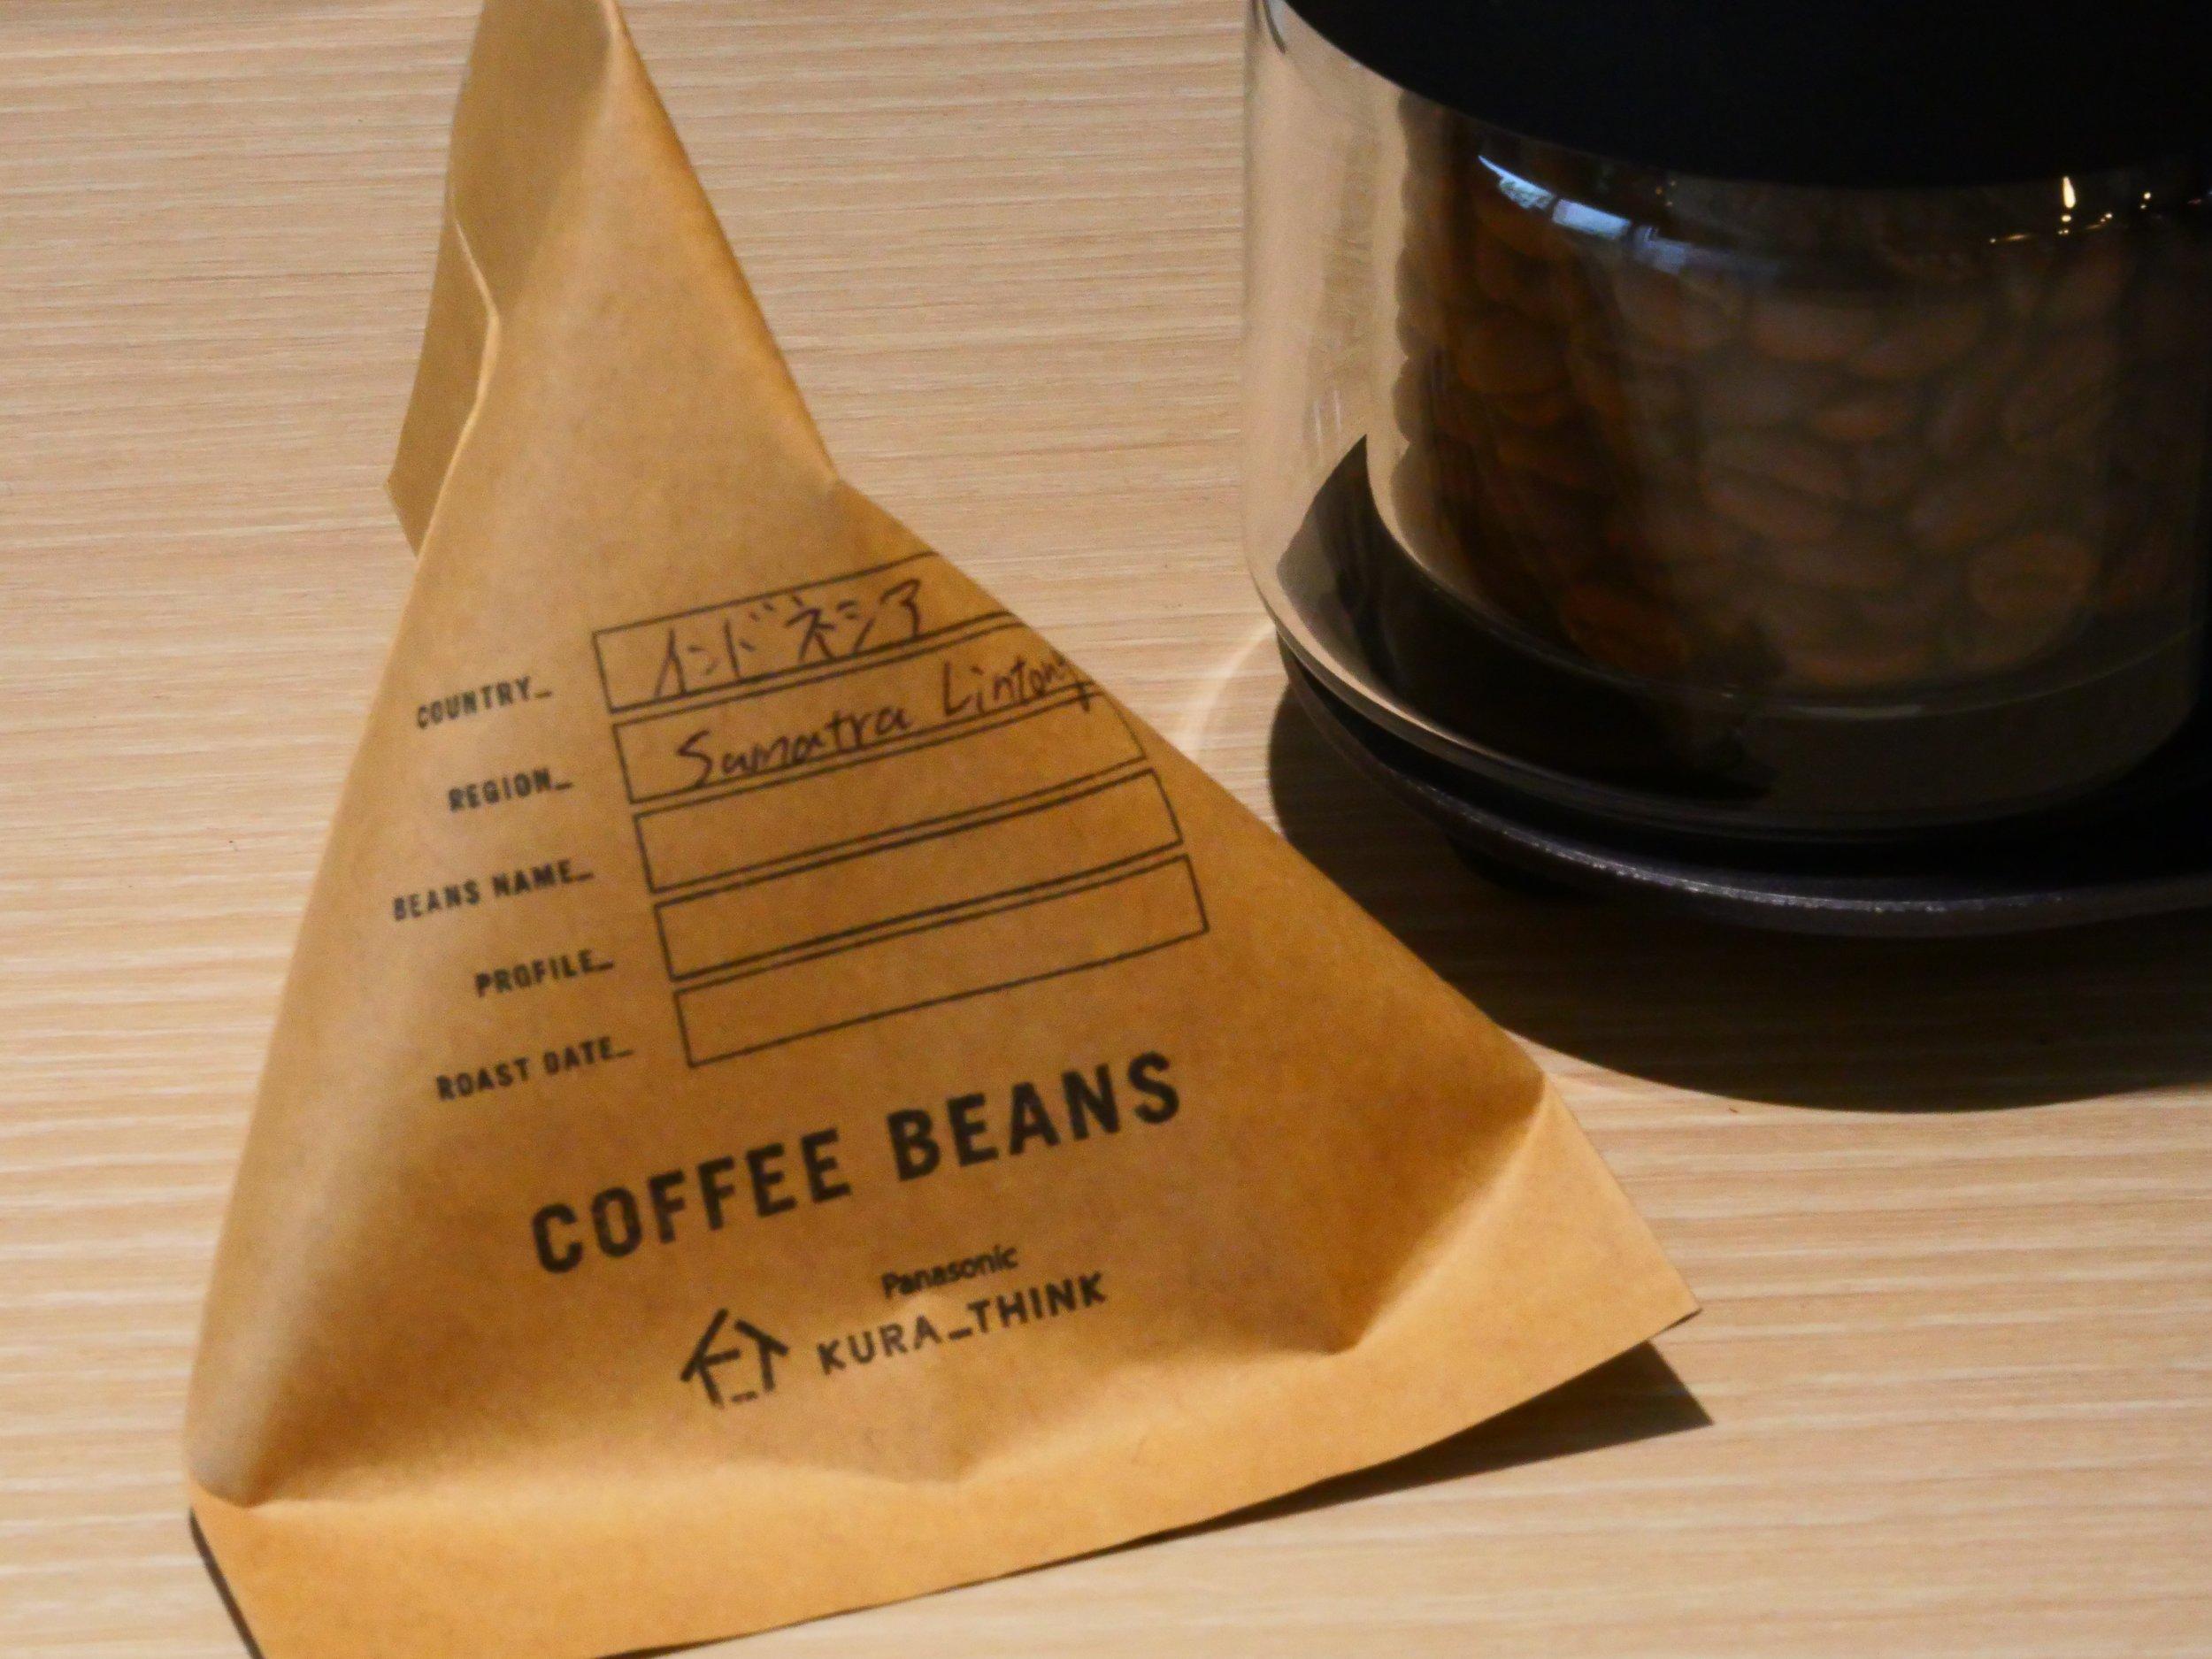 190822_ワタシ好みのコーヒーを見つけて持ち帰えろう-3.jpg